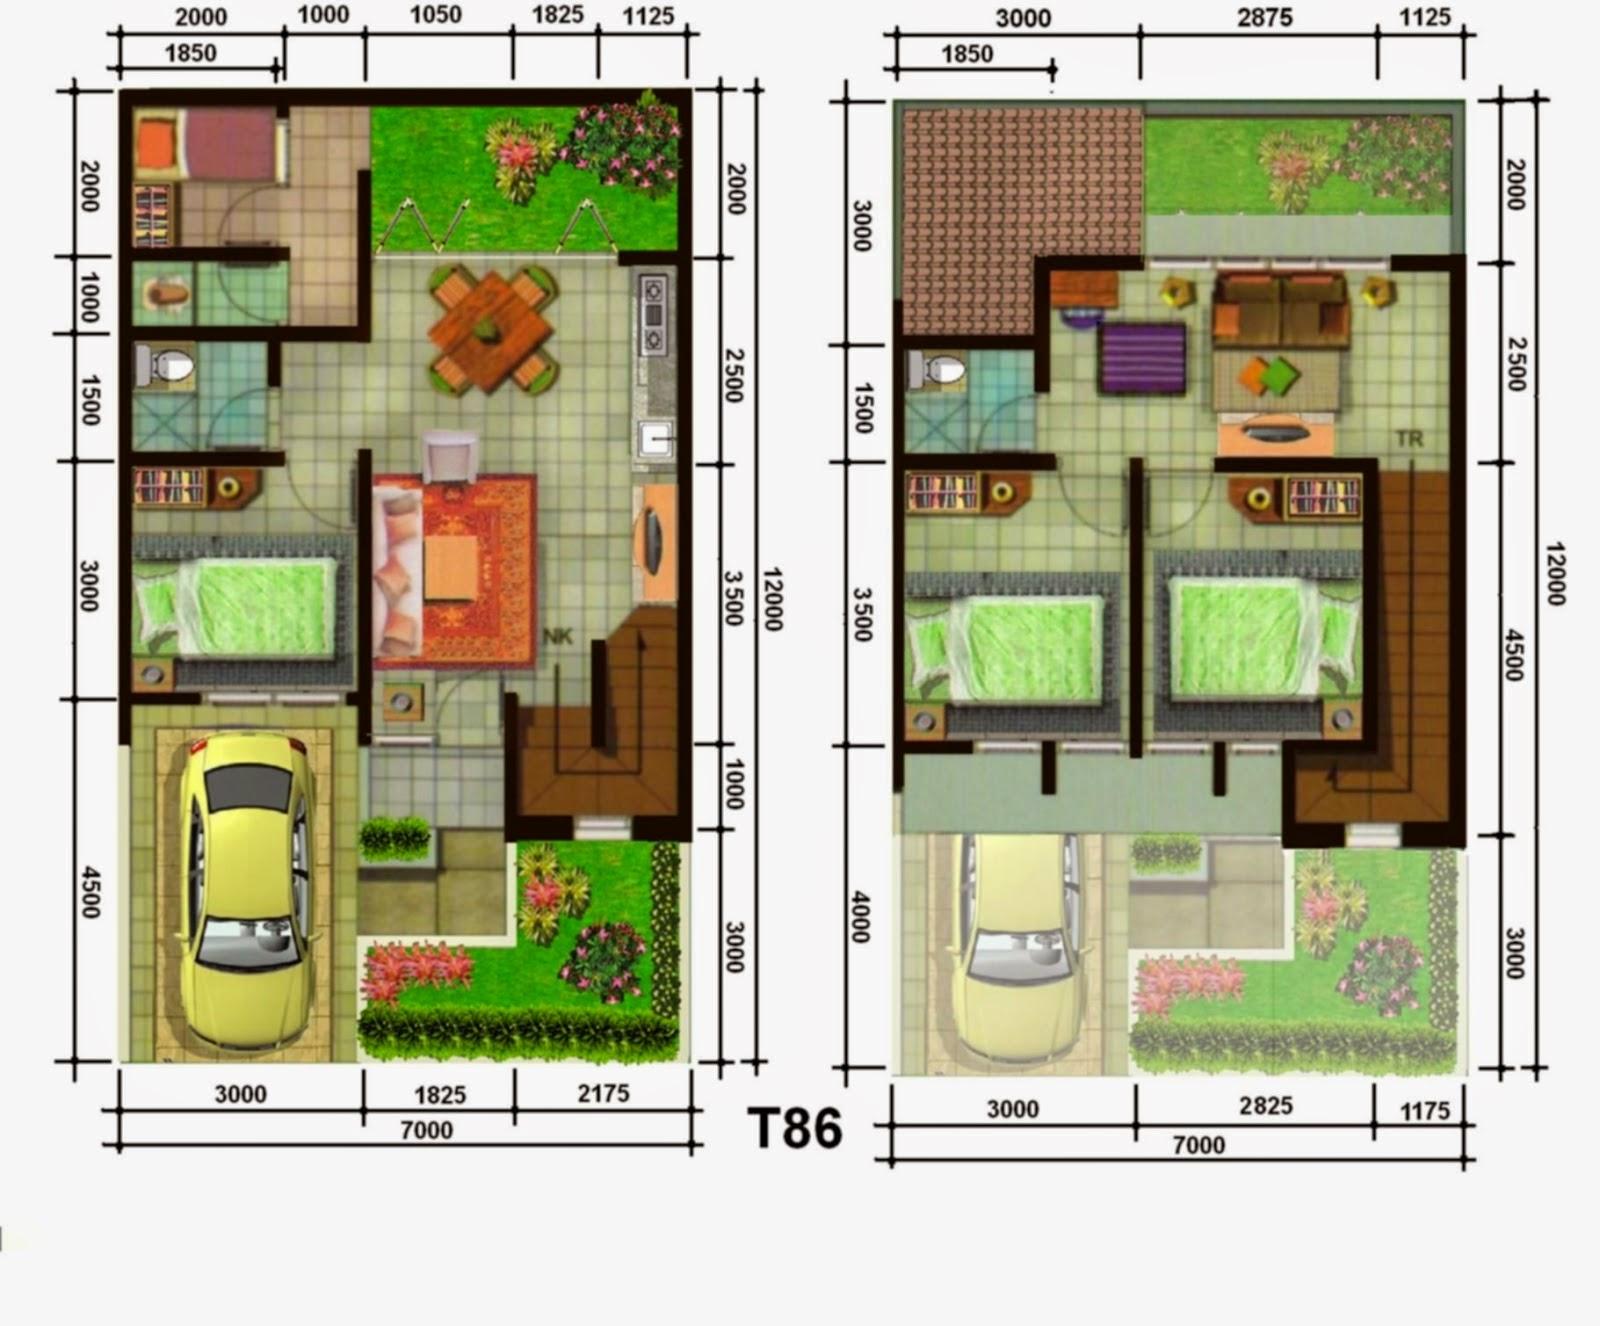 Denah Rumah Minimalis 1 Lantai Ukuran 7x12 Desain Rumah Minimalis